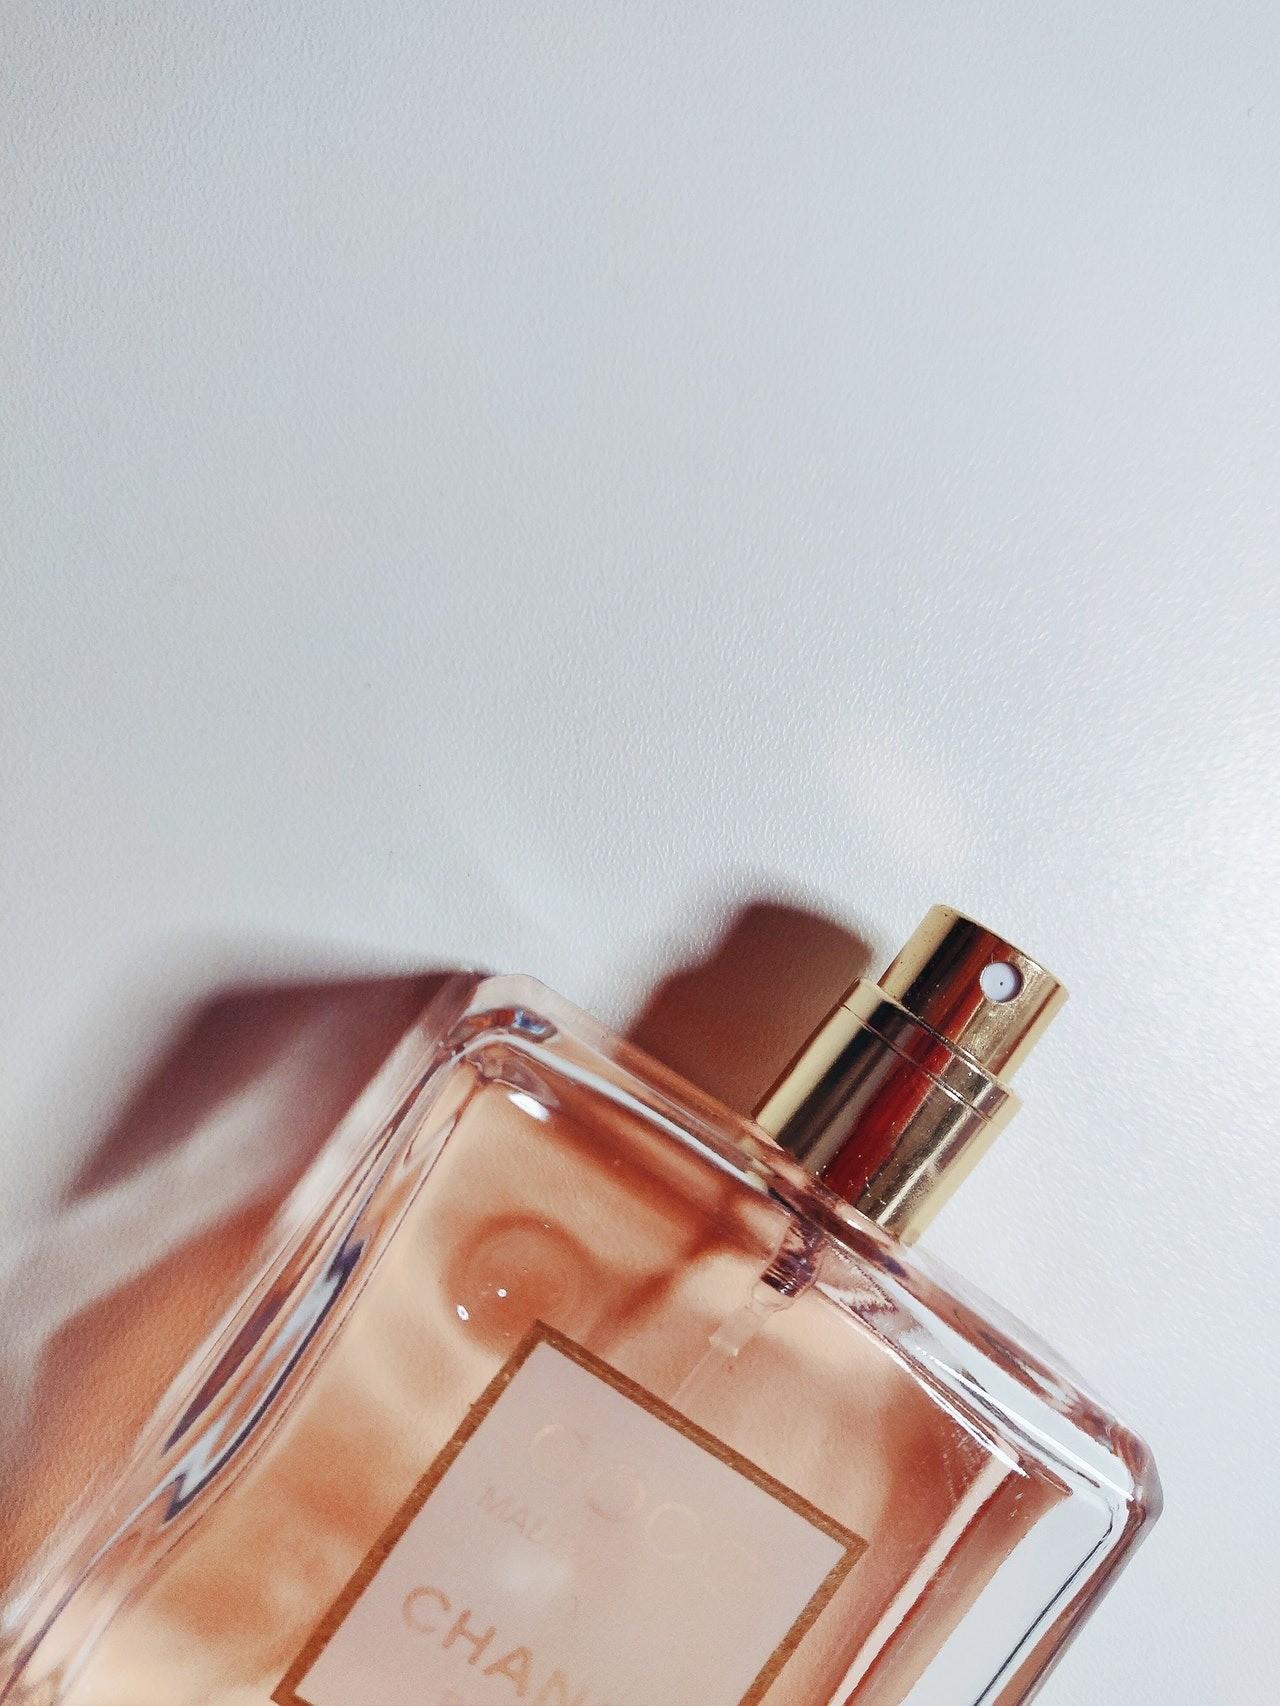 Как выбрать парфюм по знаку Зодиака?